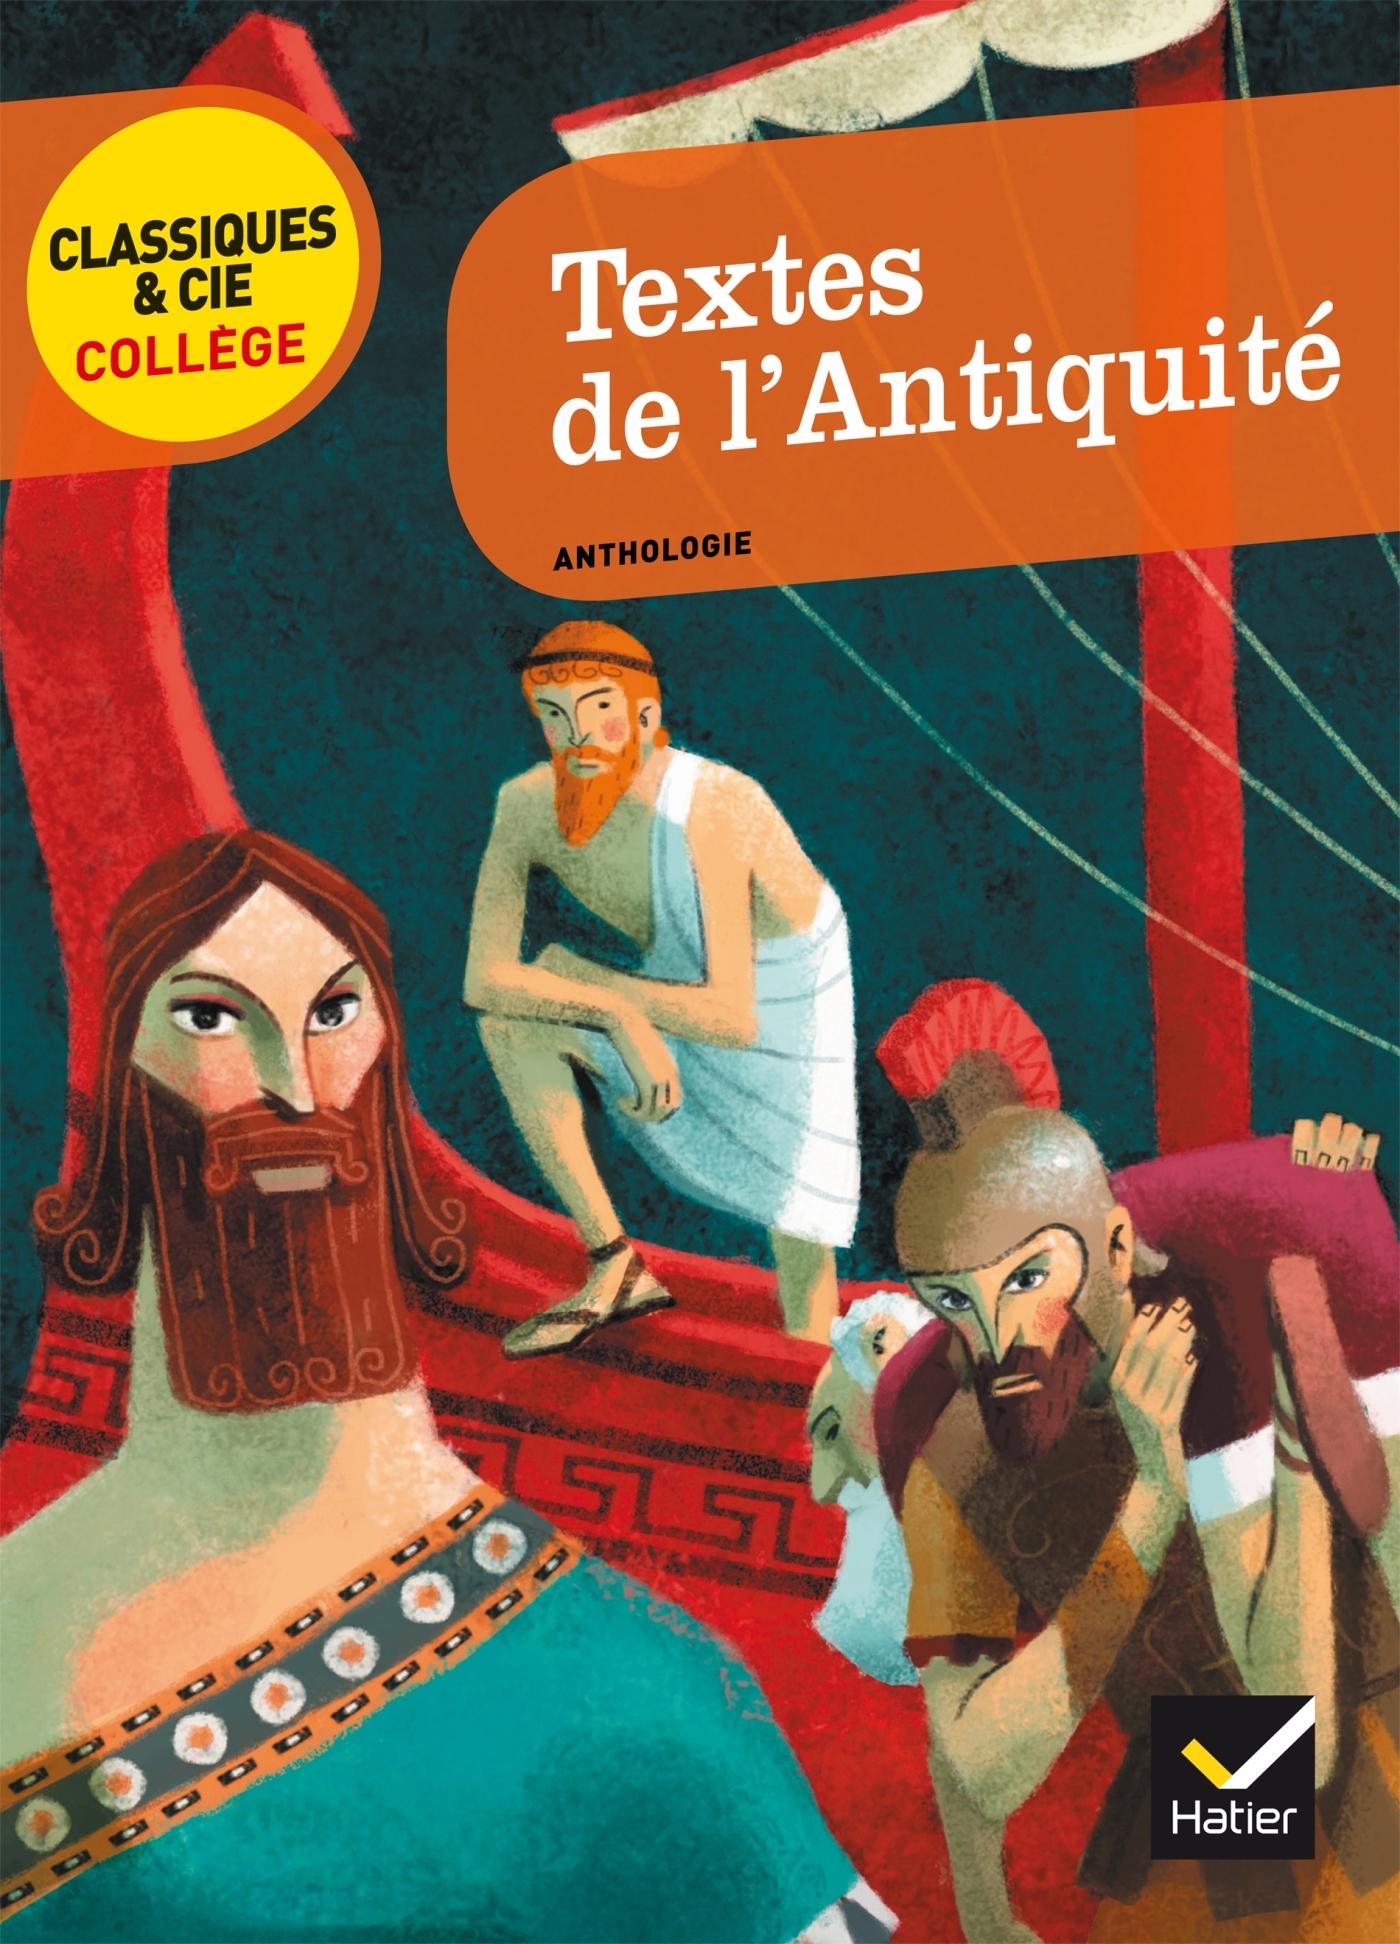 TEXTES DE L'ANTIQUITE